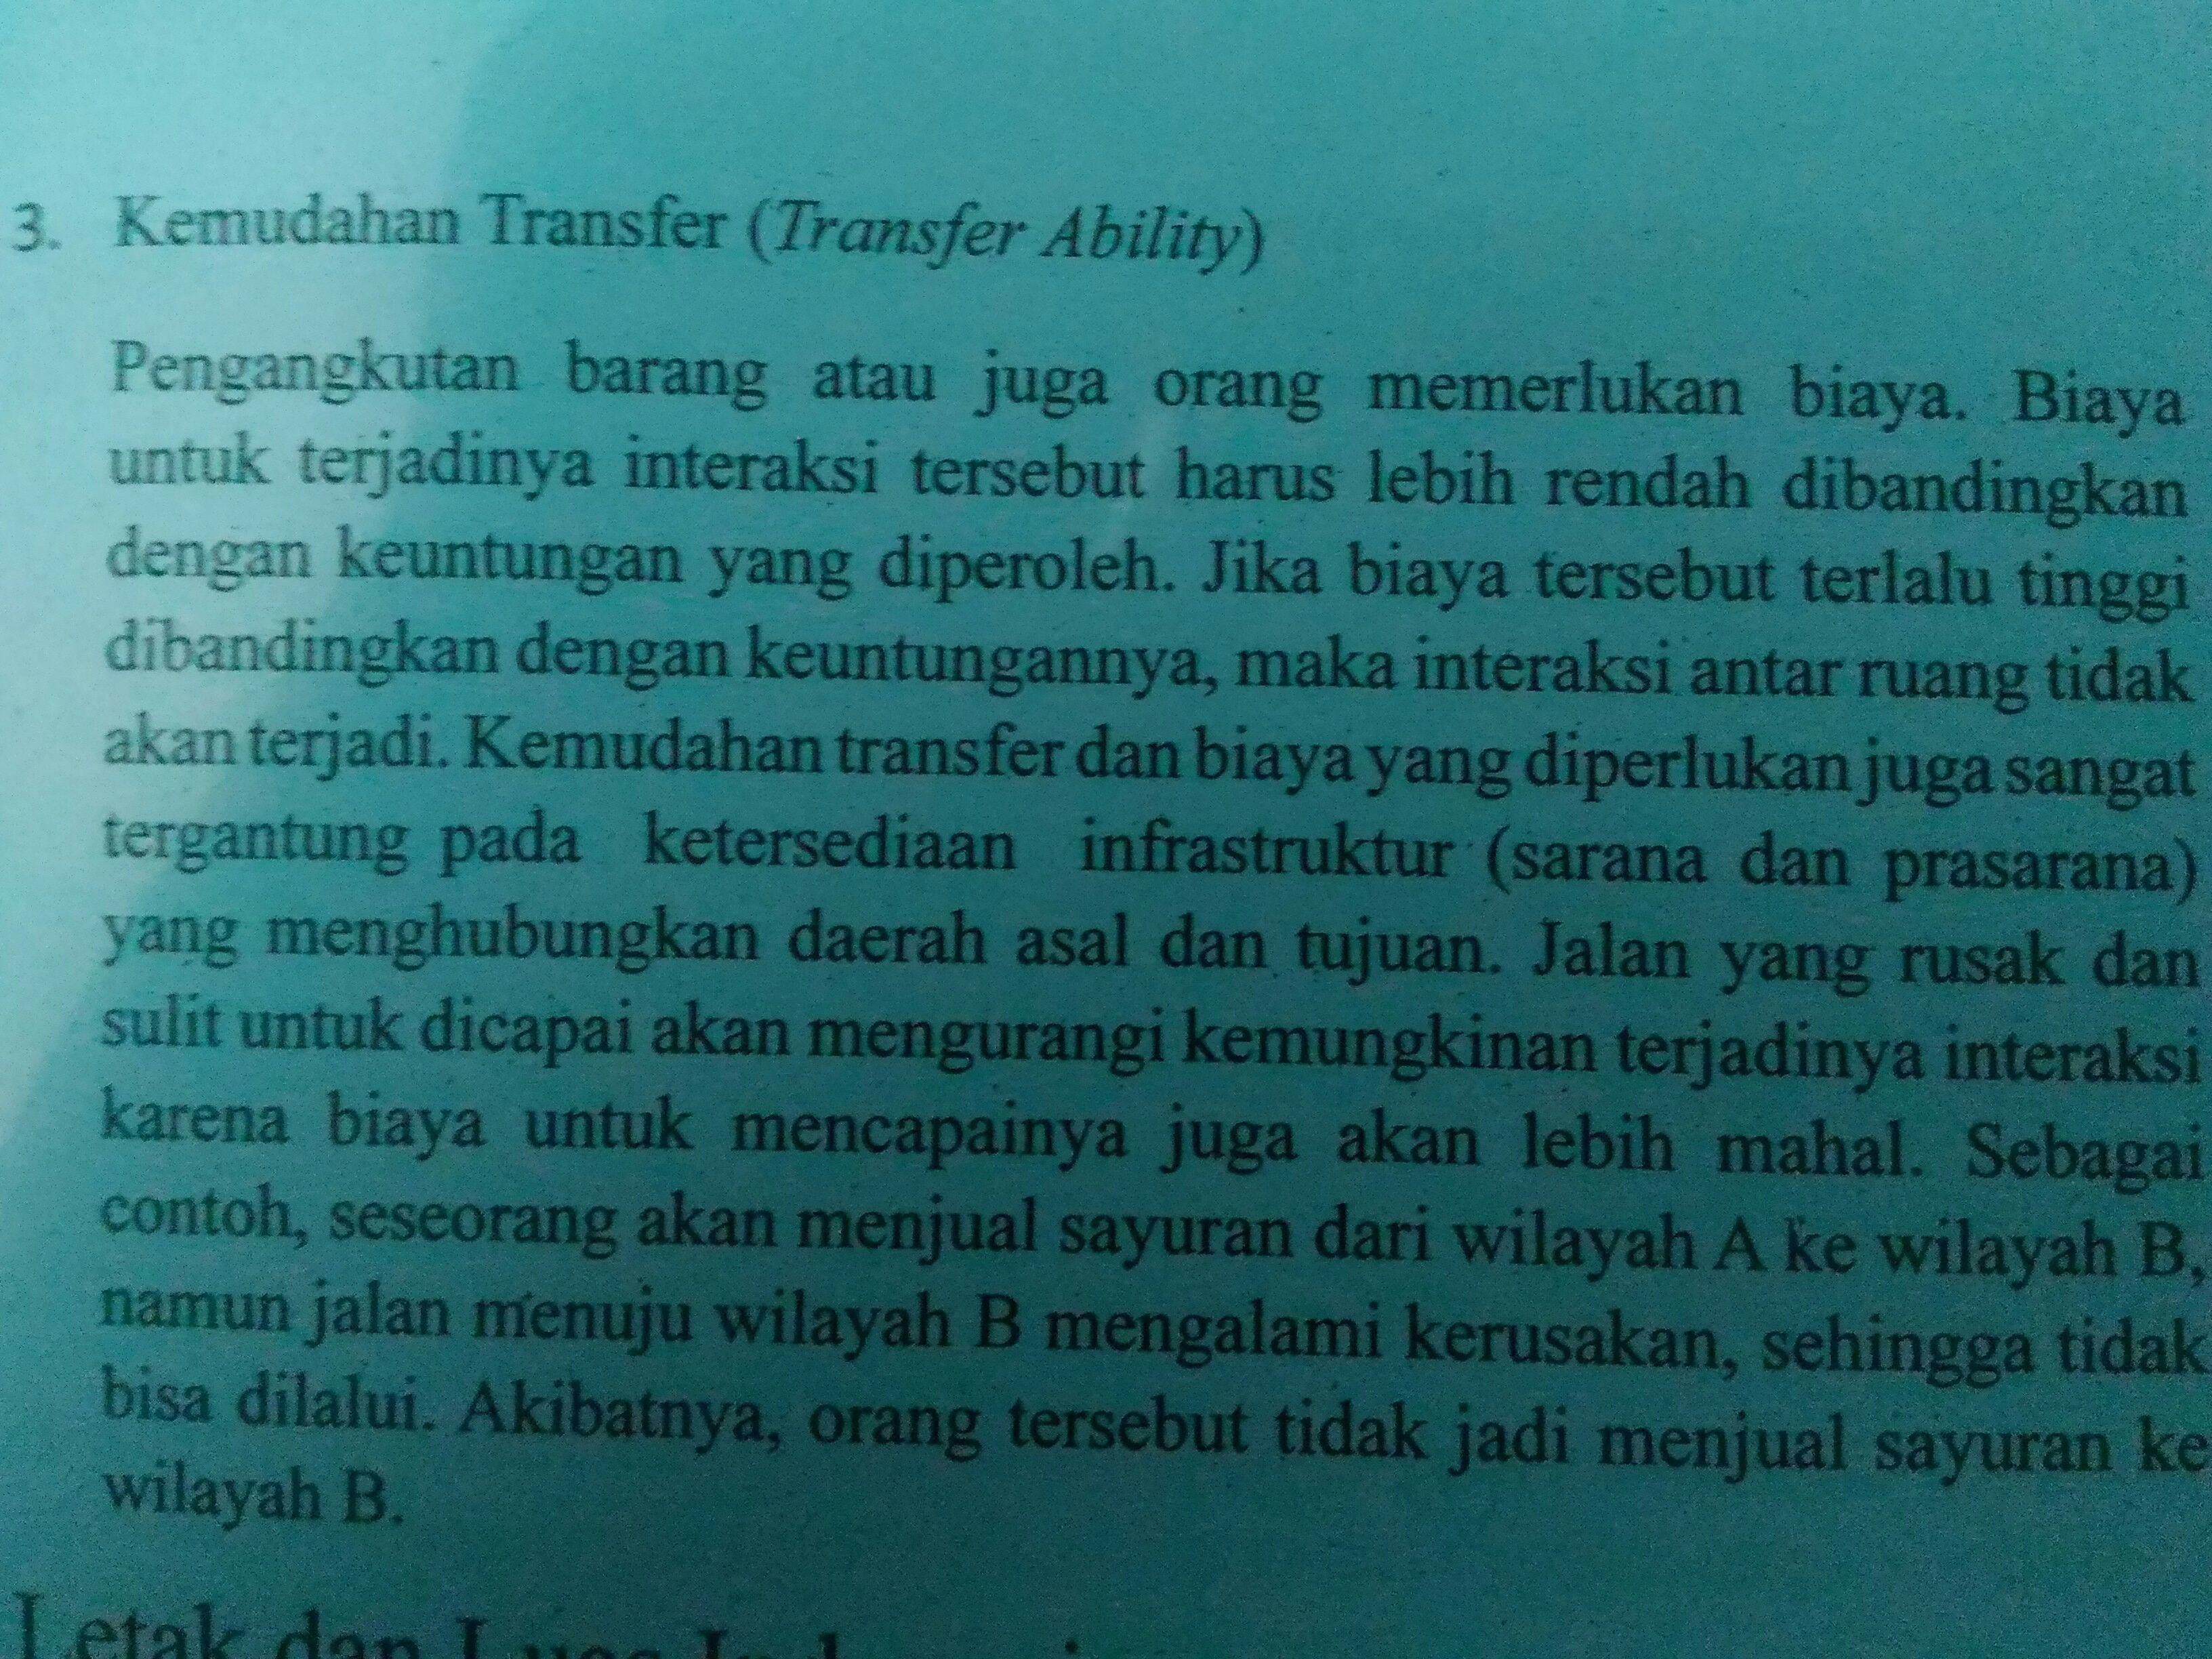 Contoh Interaksi Antar Ruang Di Indonesia Barisan Contoh